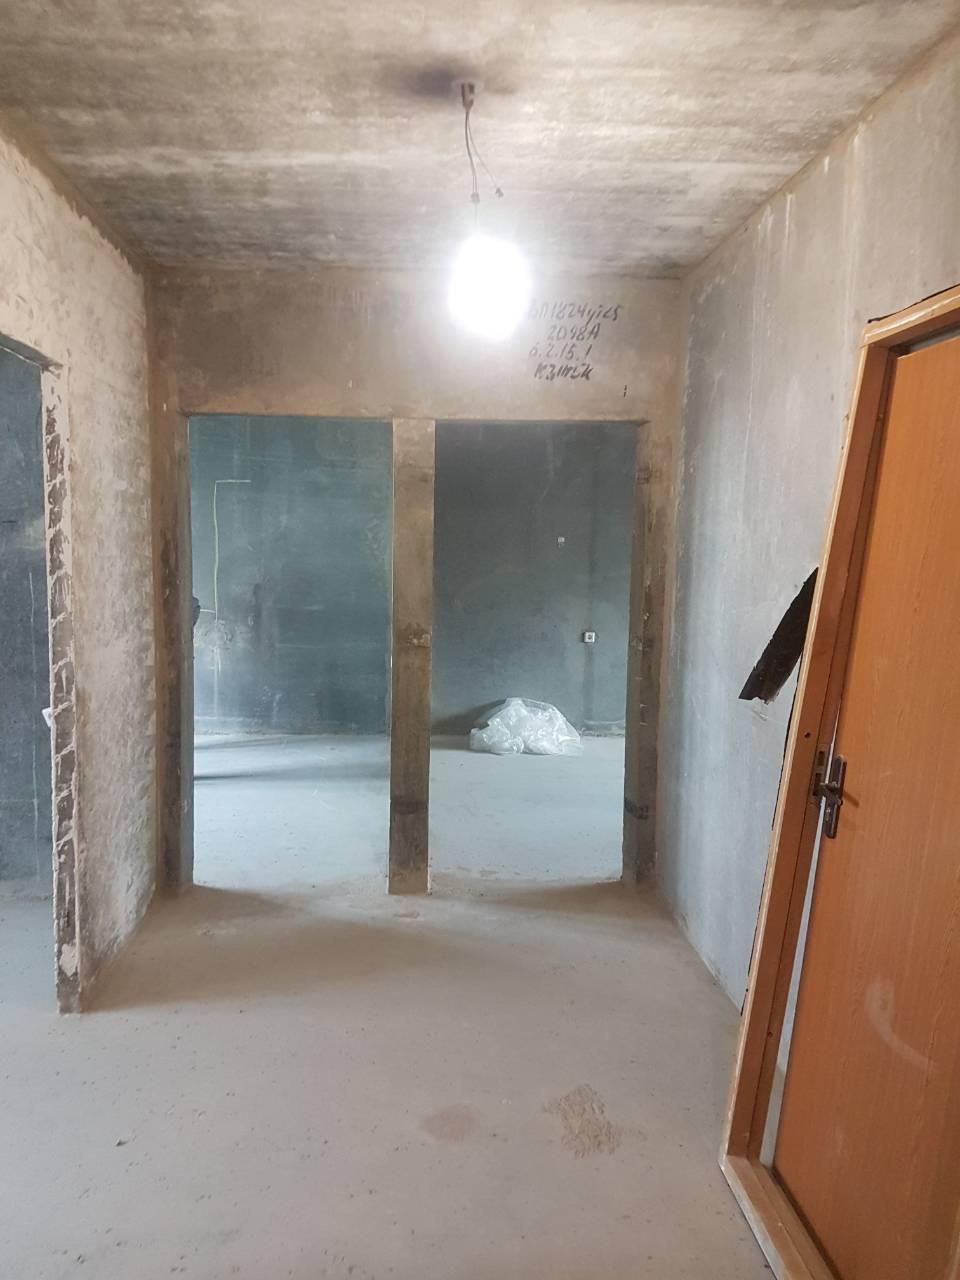 Элитный дизайн и ремонт квартир в Москве - цены на услуги